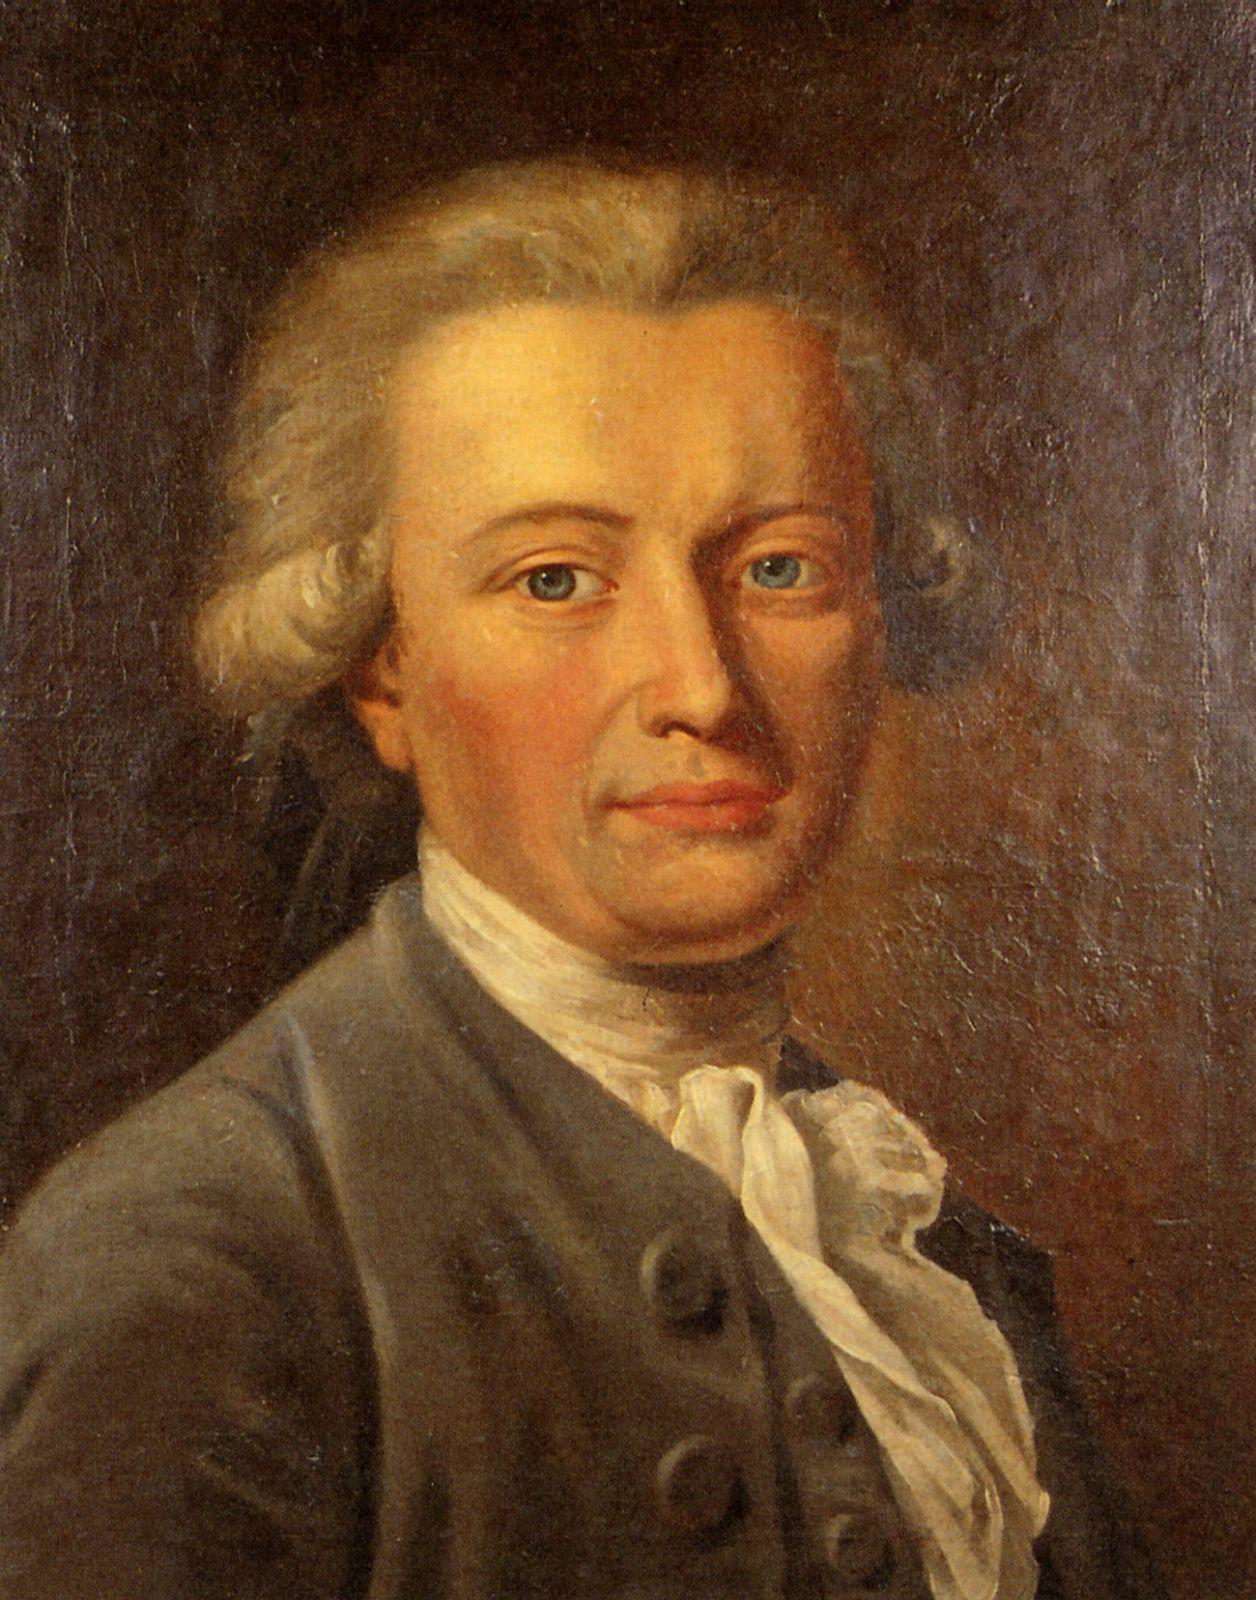 Georg Forster (Gemälde von <b>Johann Heinrich</b> Wilhelm Tischbein?, um 1785) - forstpor